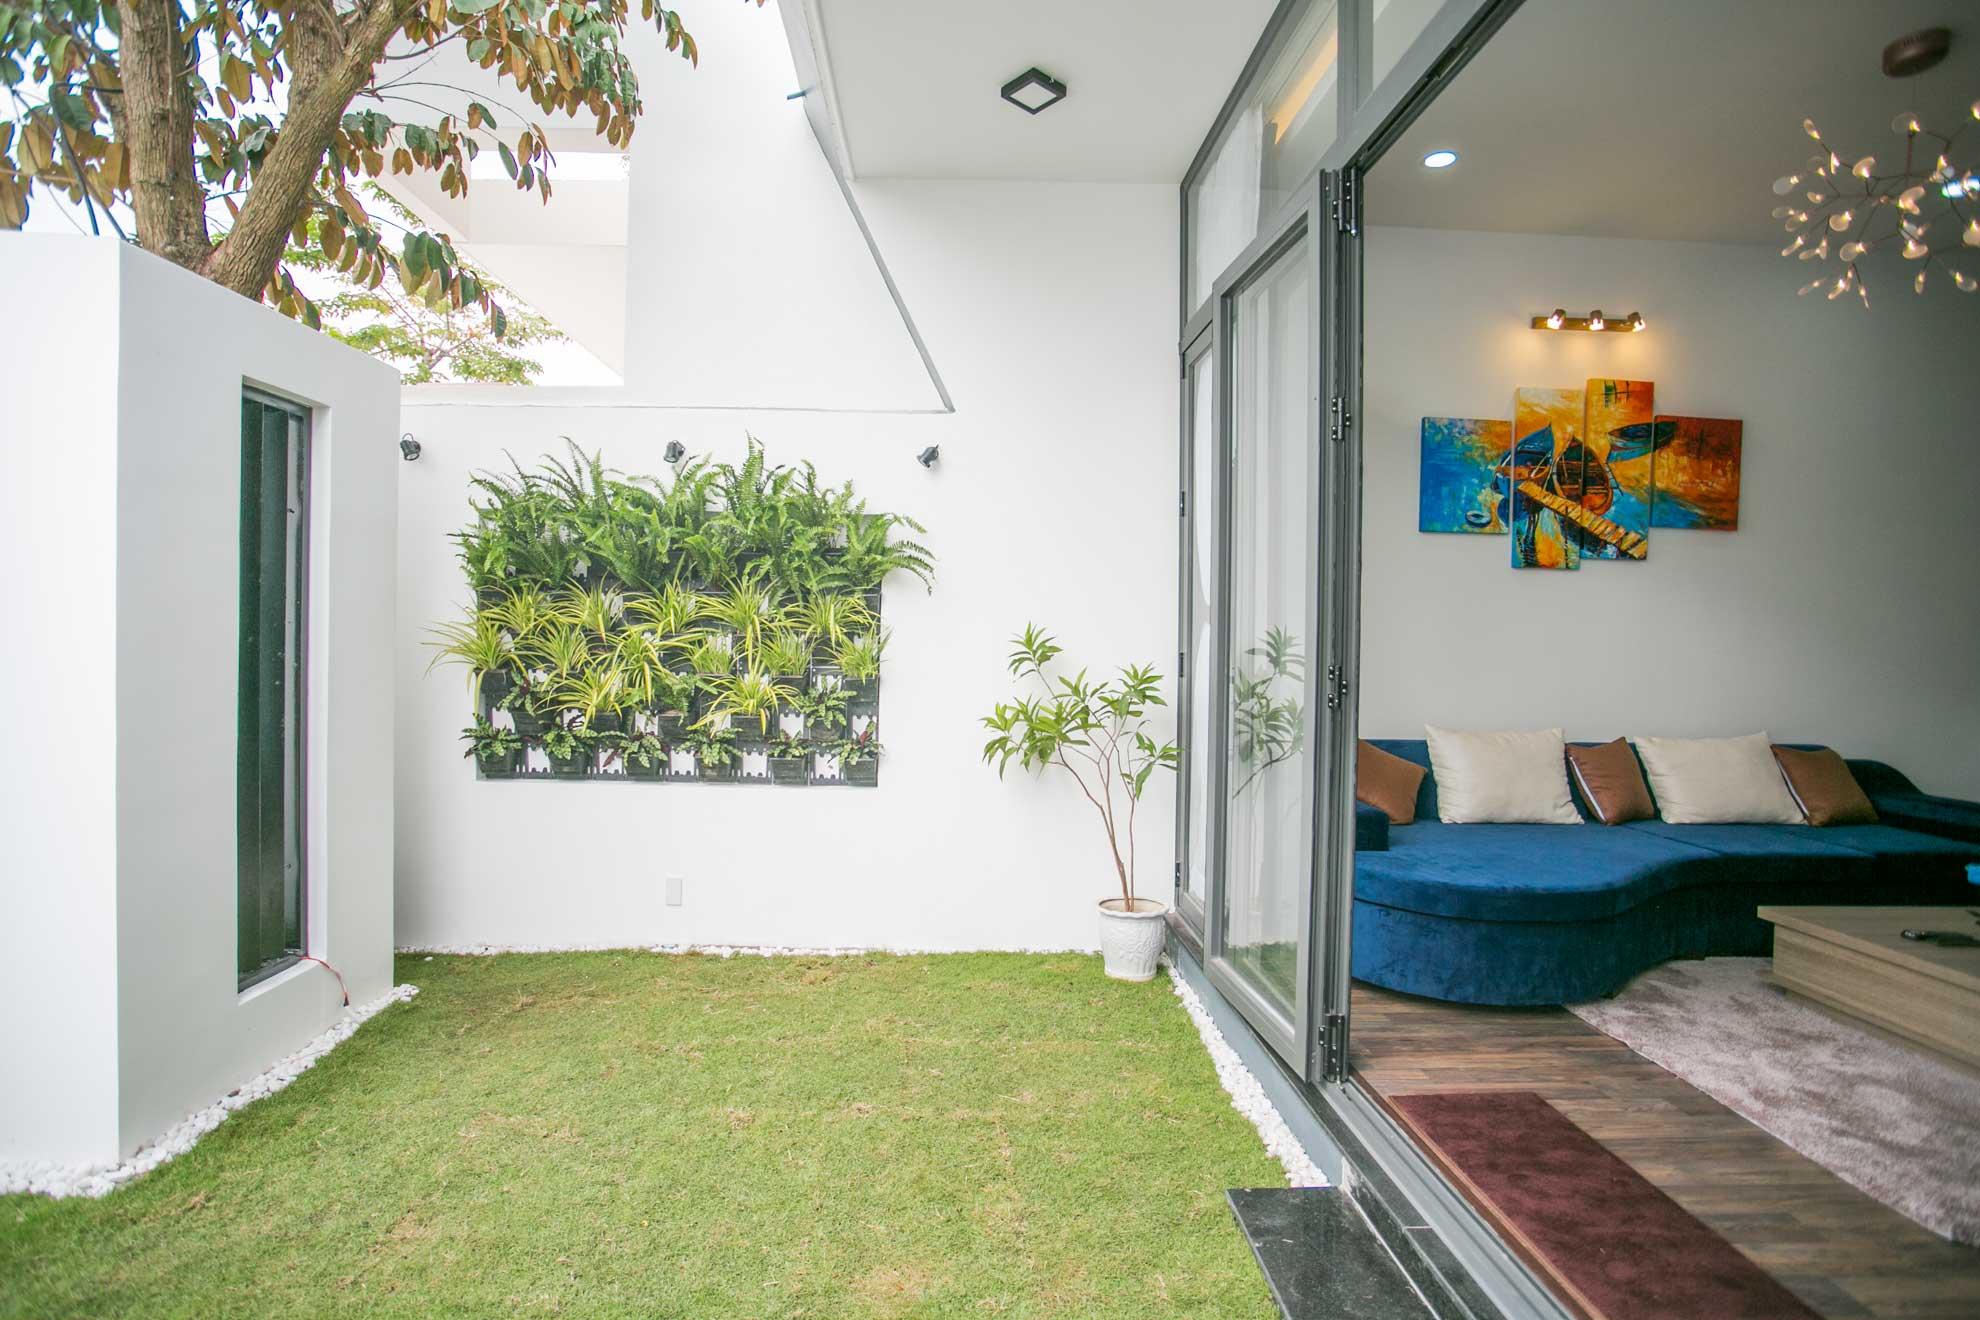 thiết kế Nhà tại Đà Nẵng BAO'S HOUSE 9 1551172107